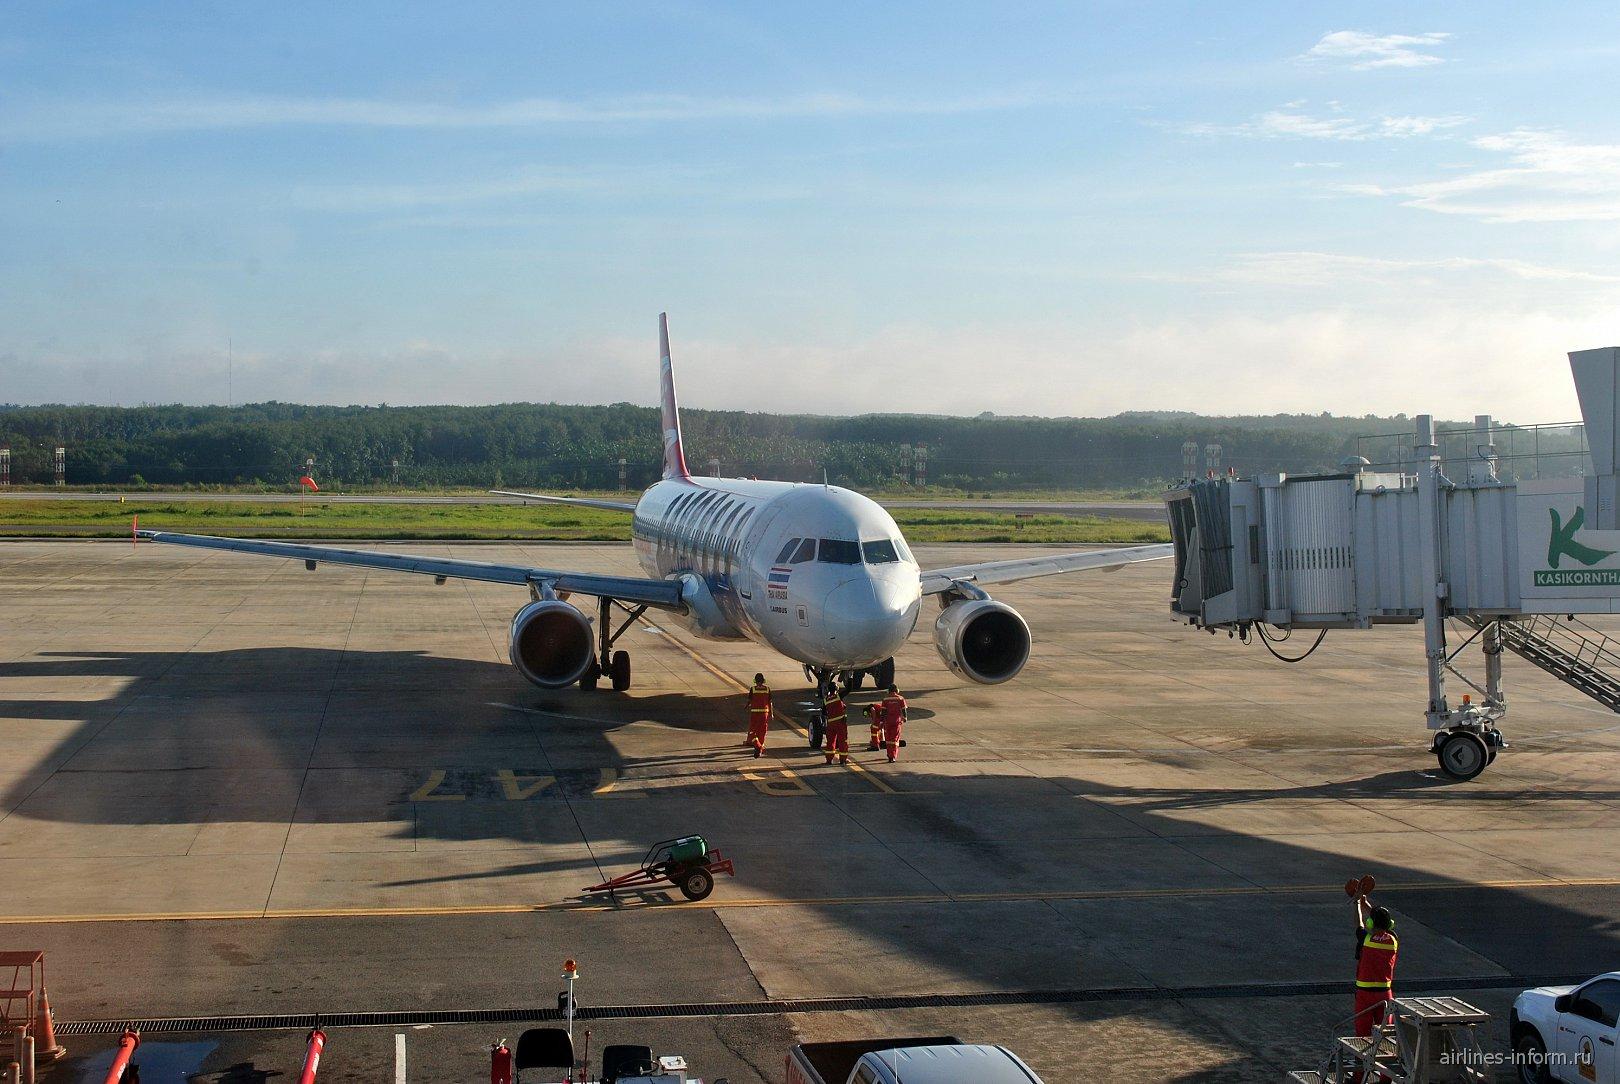 Airbus A320 авиакомпании Thai Air Asia в аэропорту Краби